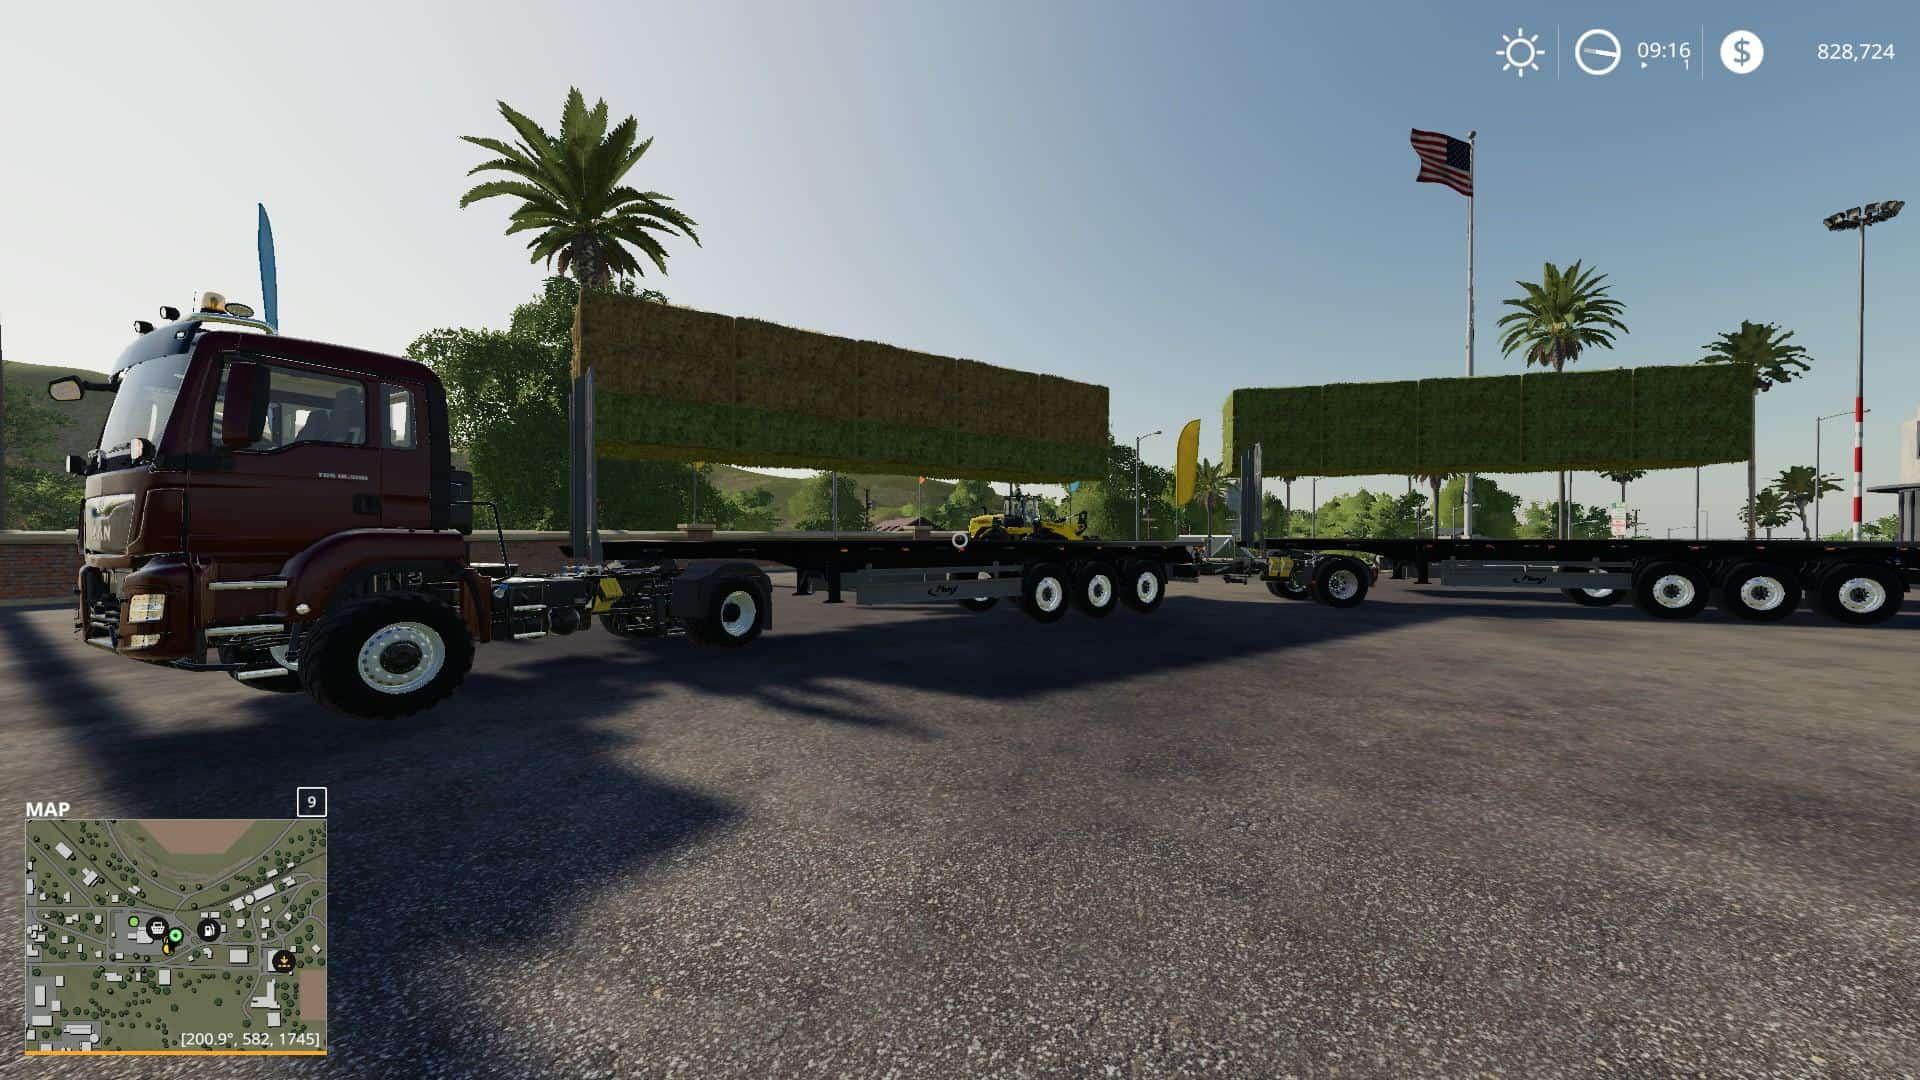 Fliegl flatbed squarebale autoload v1 0 0 3 Mod - Farming Simulator